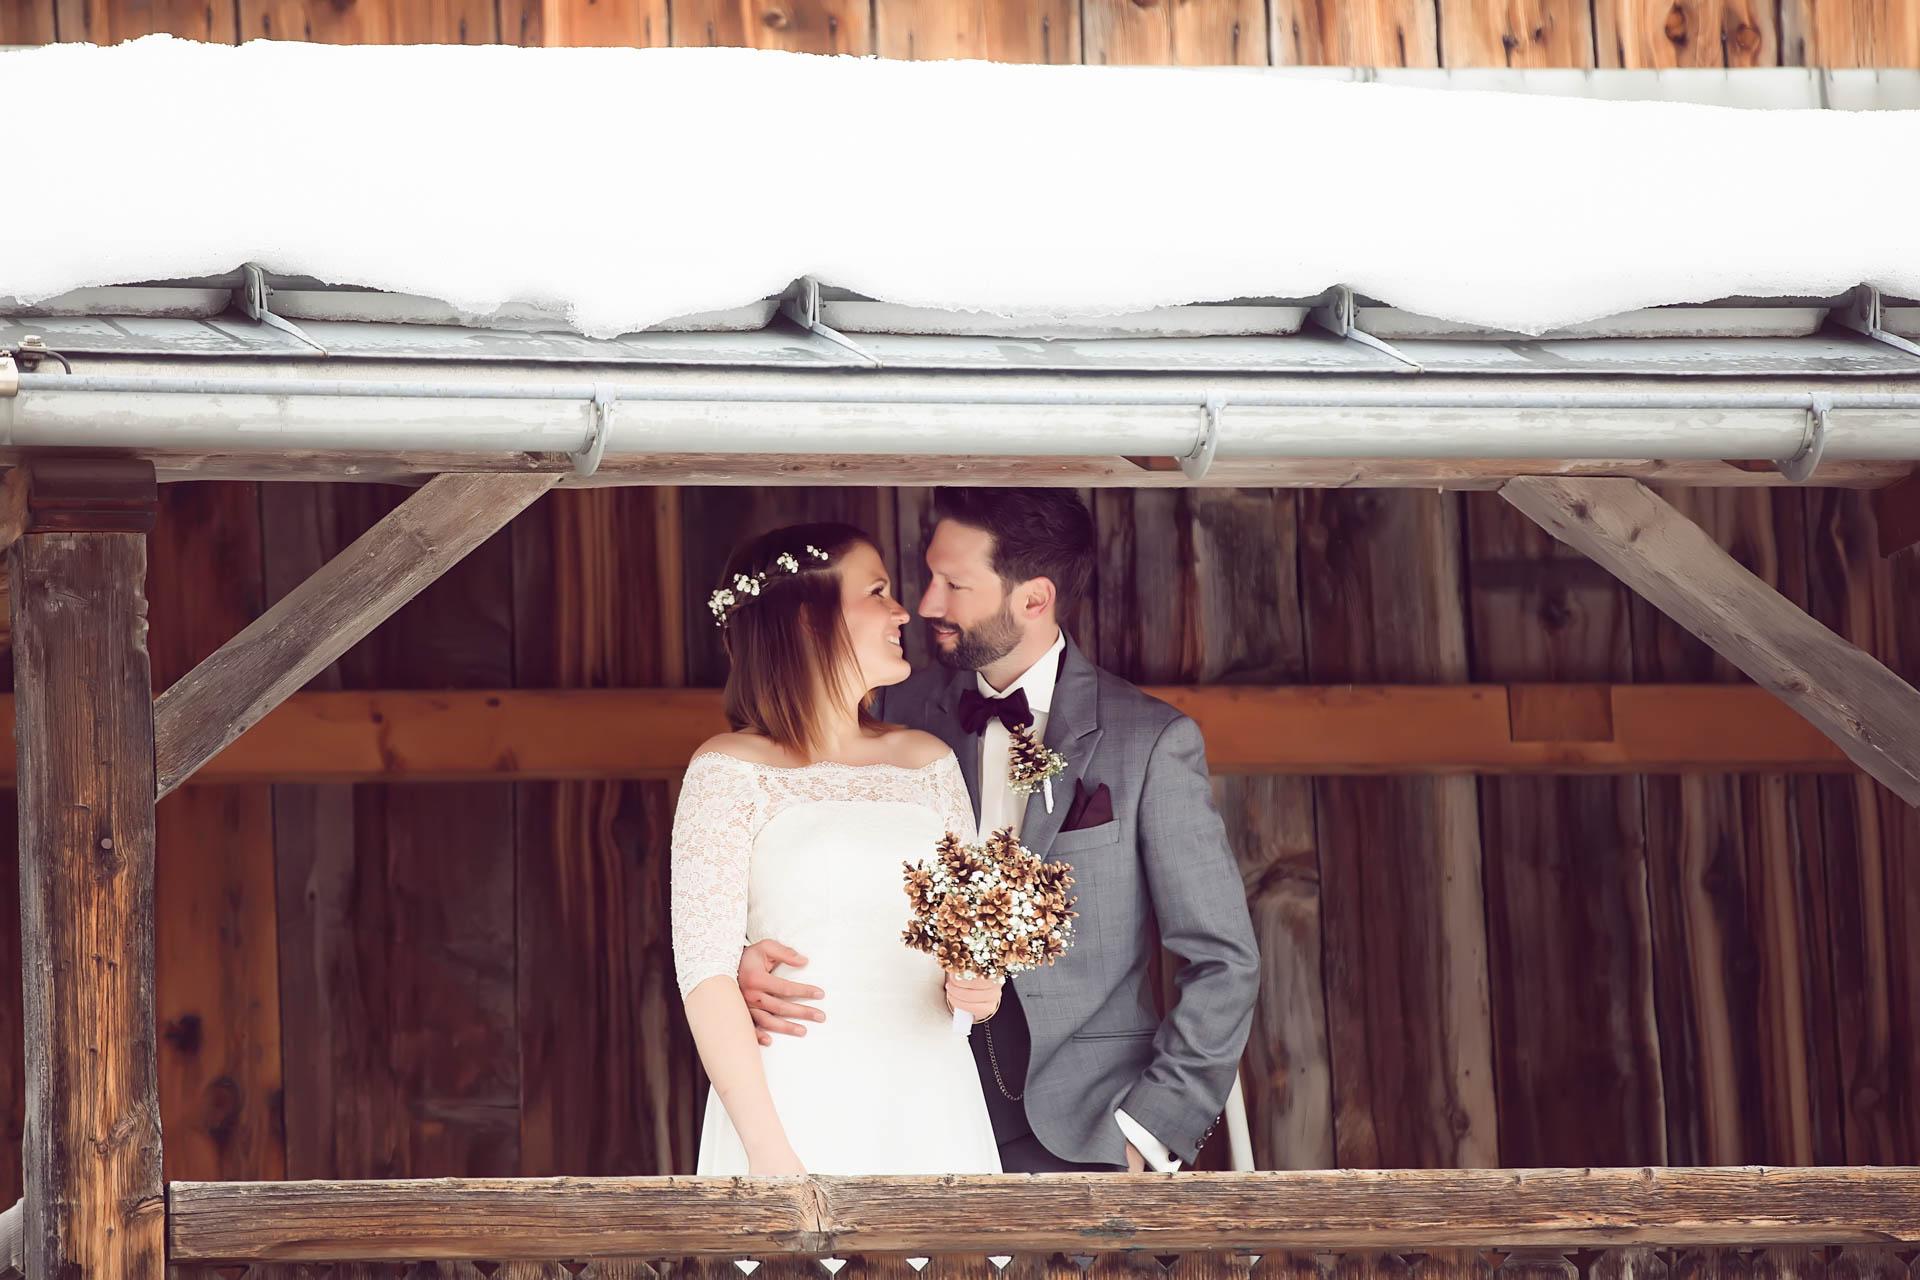 Brautpaar umarmt sich unter Schnee bedecktem Dach